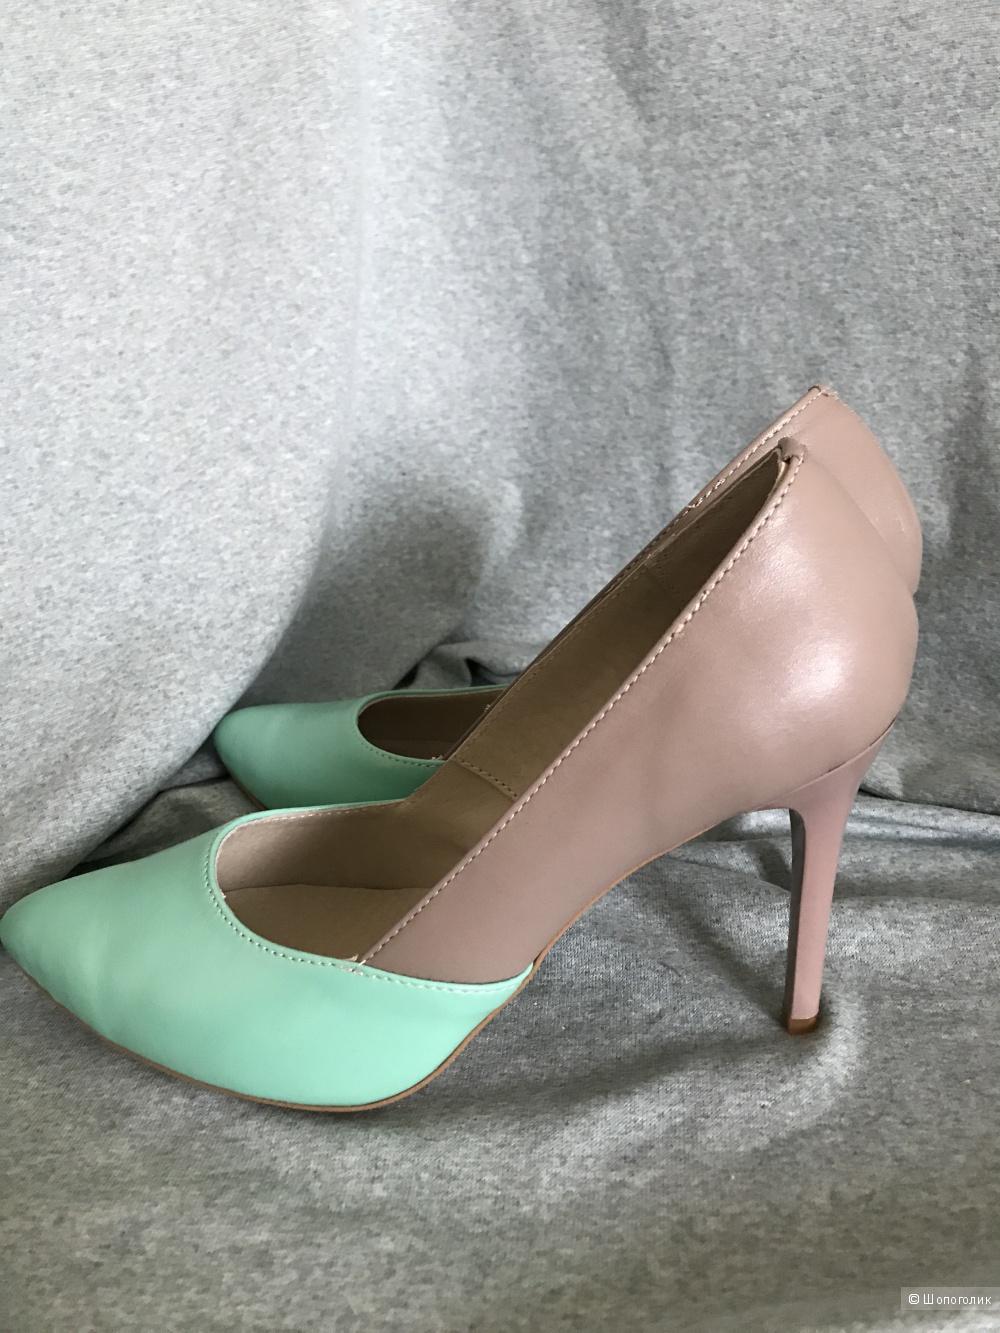 Туфли, кожа, 37 размер, бежевые с мятой.